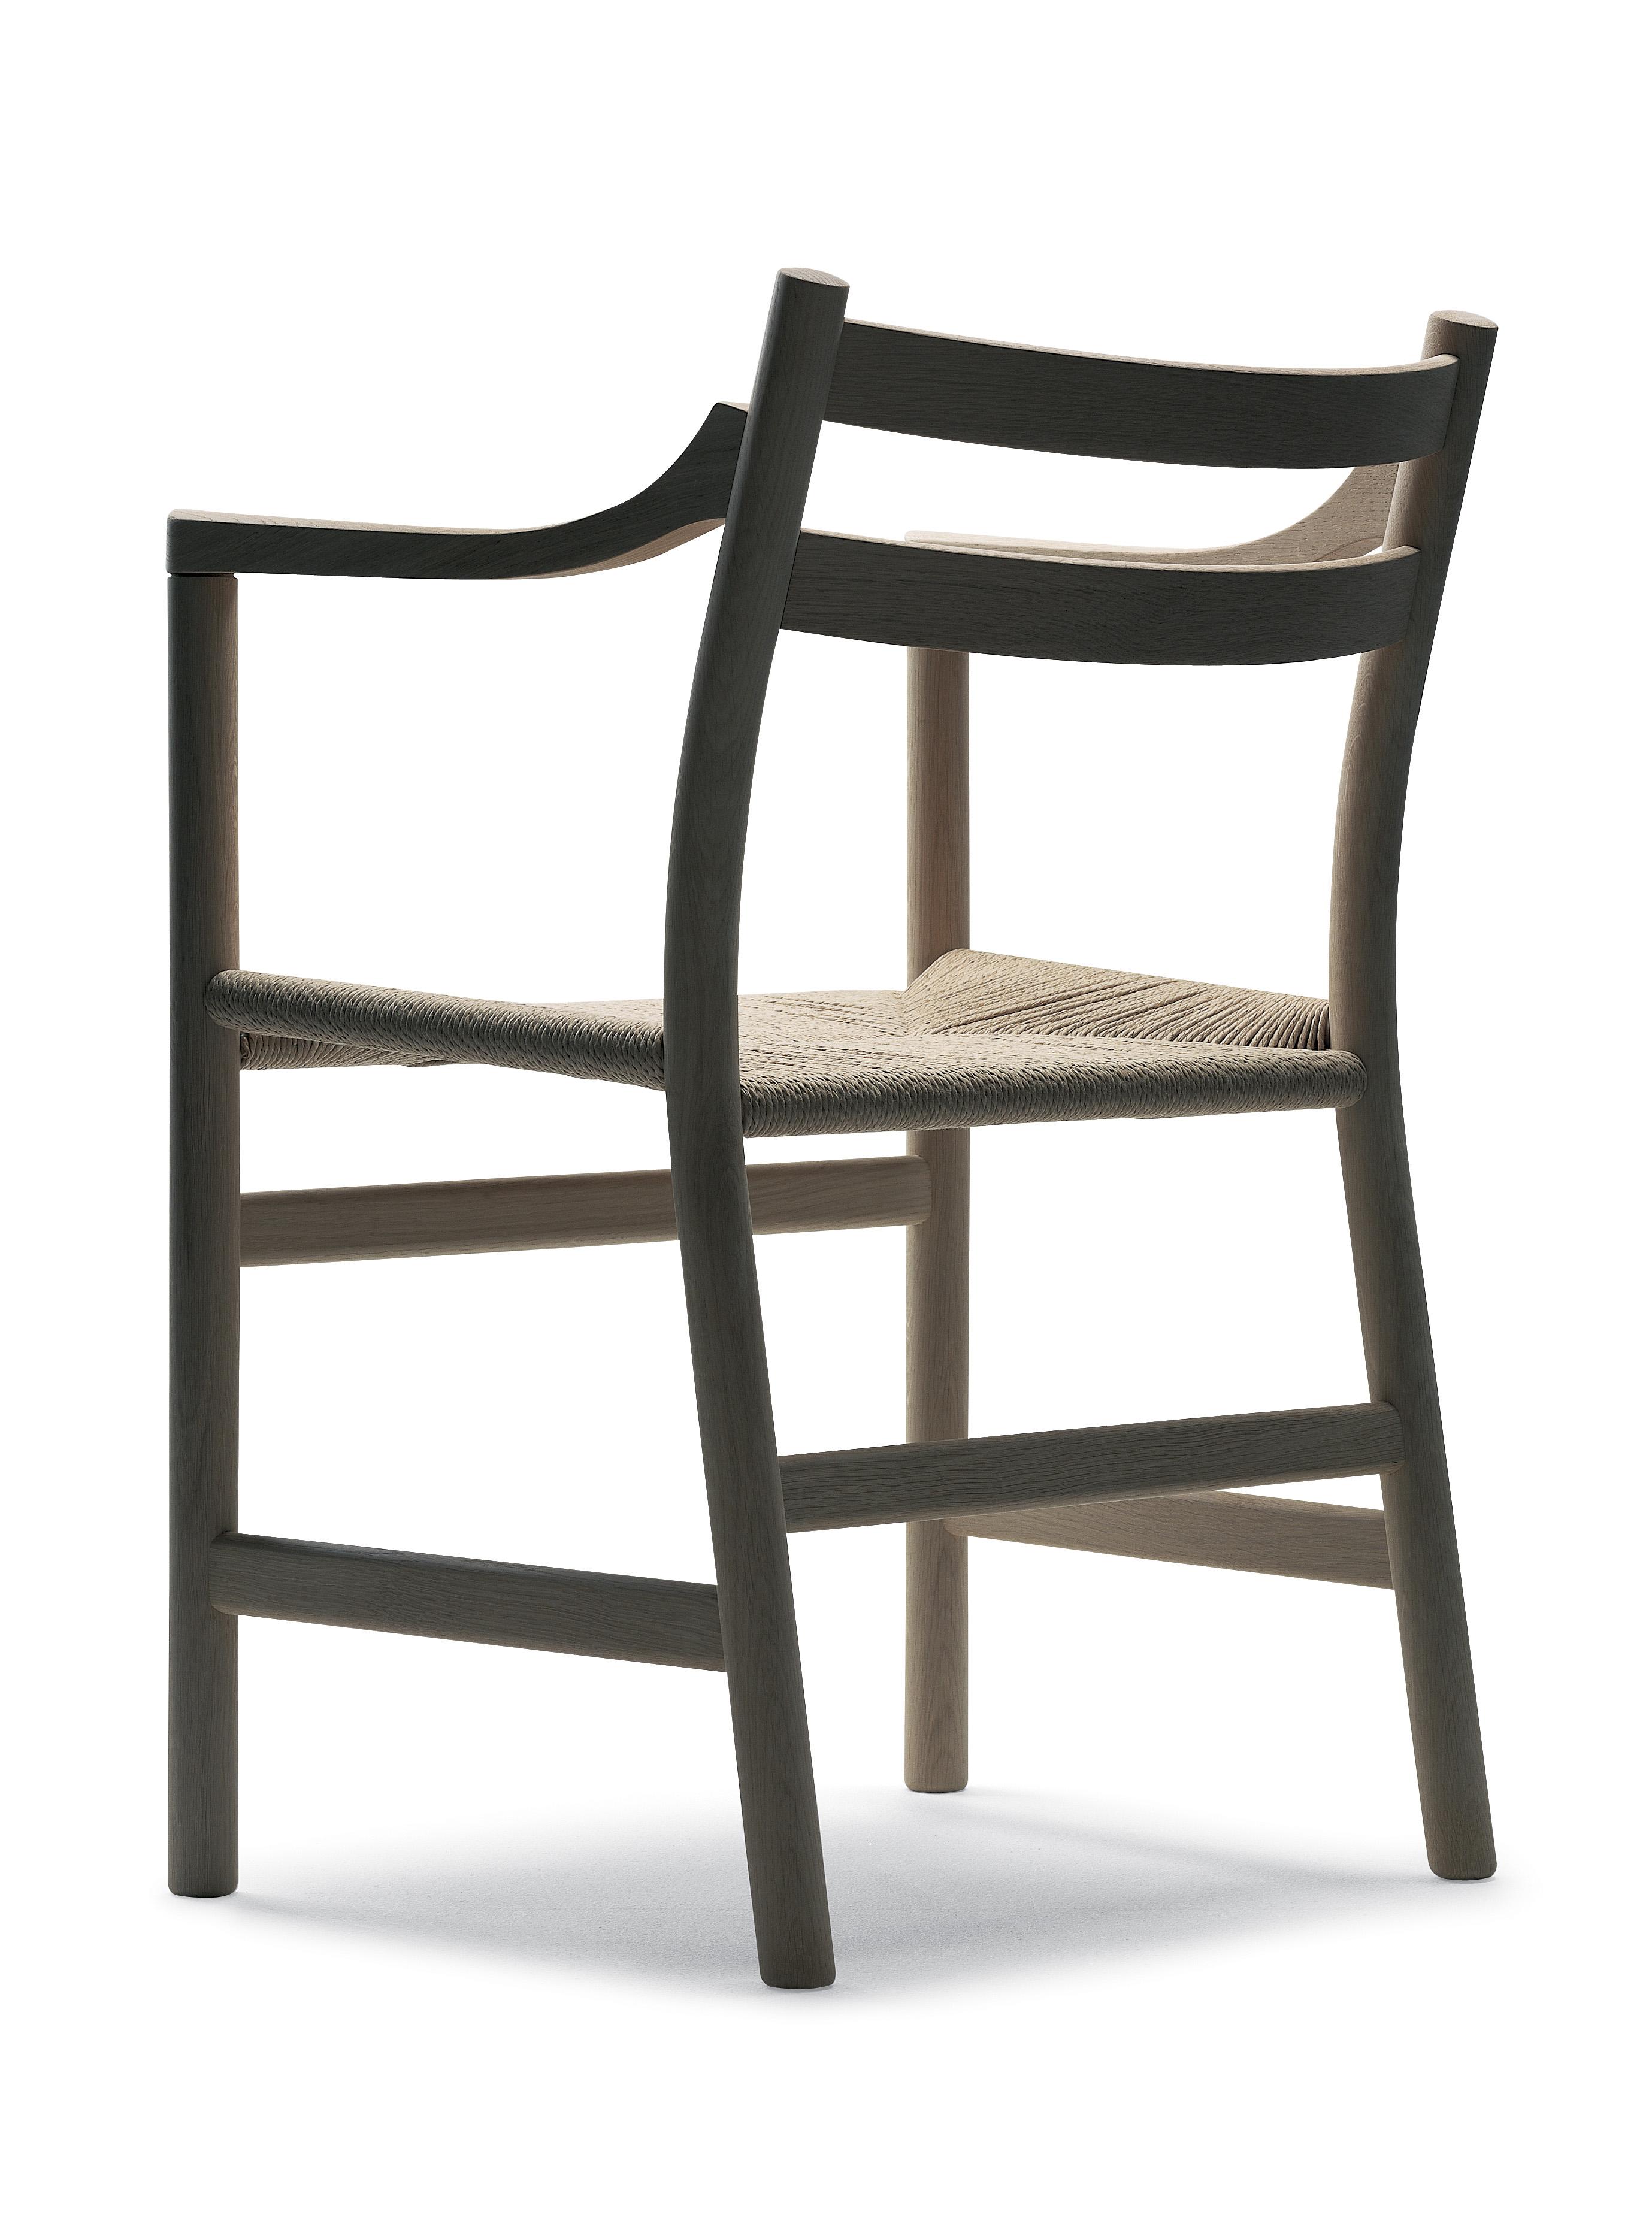 CH46 And CH47 Chairs, Carl Hansen U0026 Son. U003e